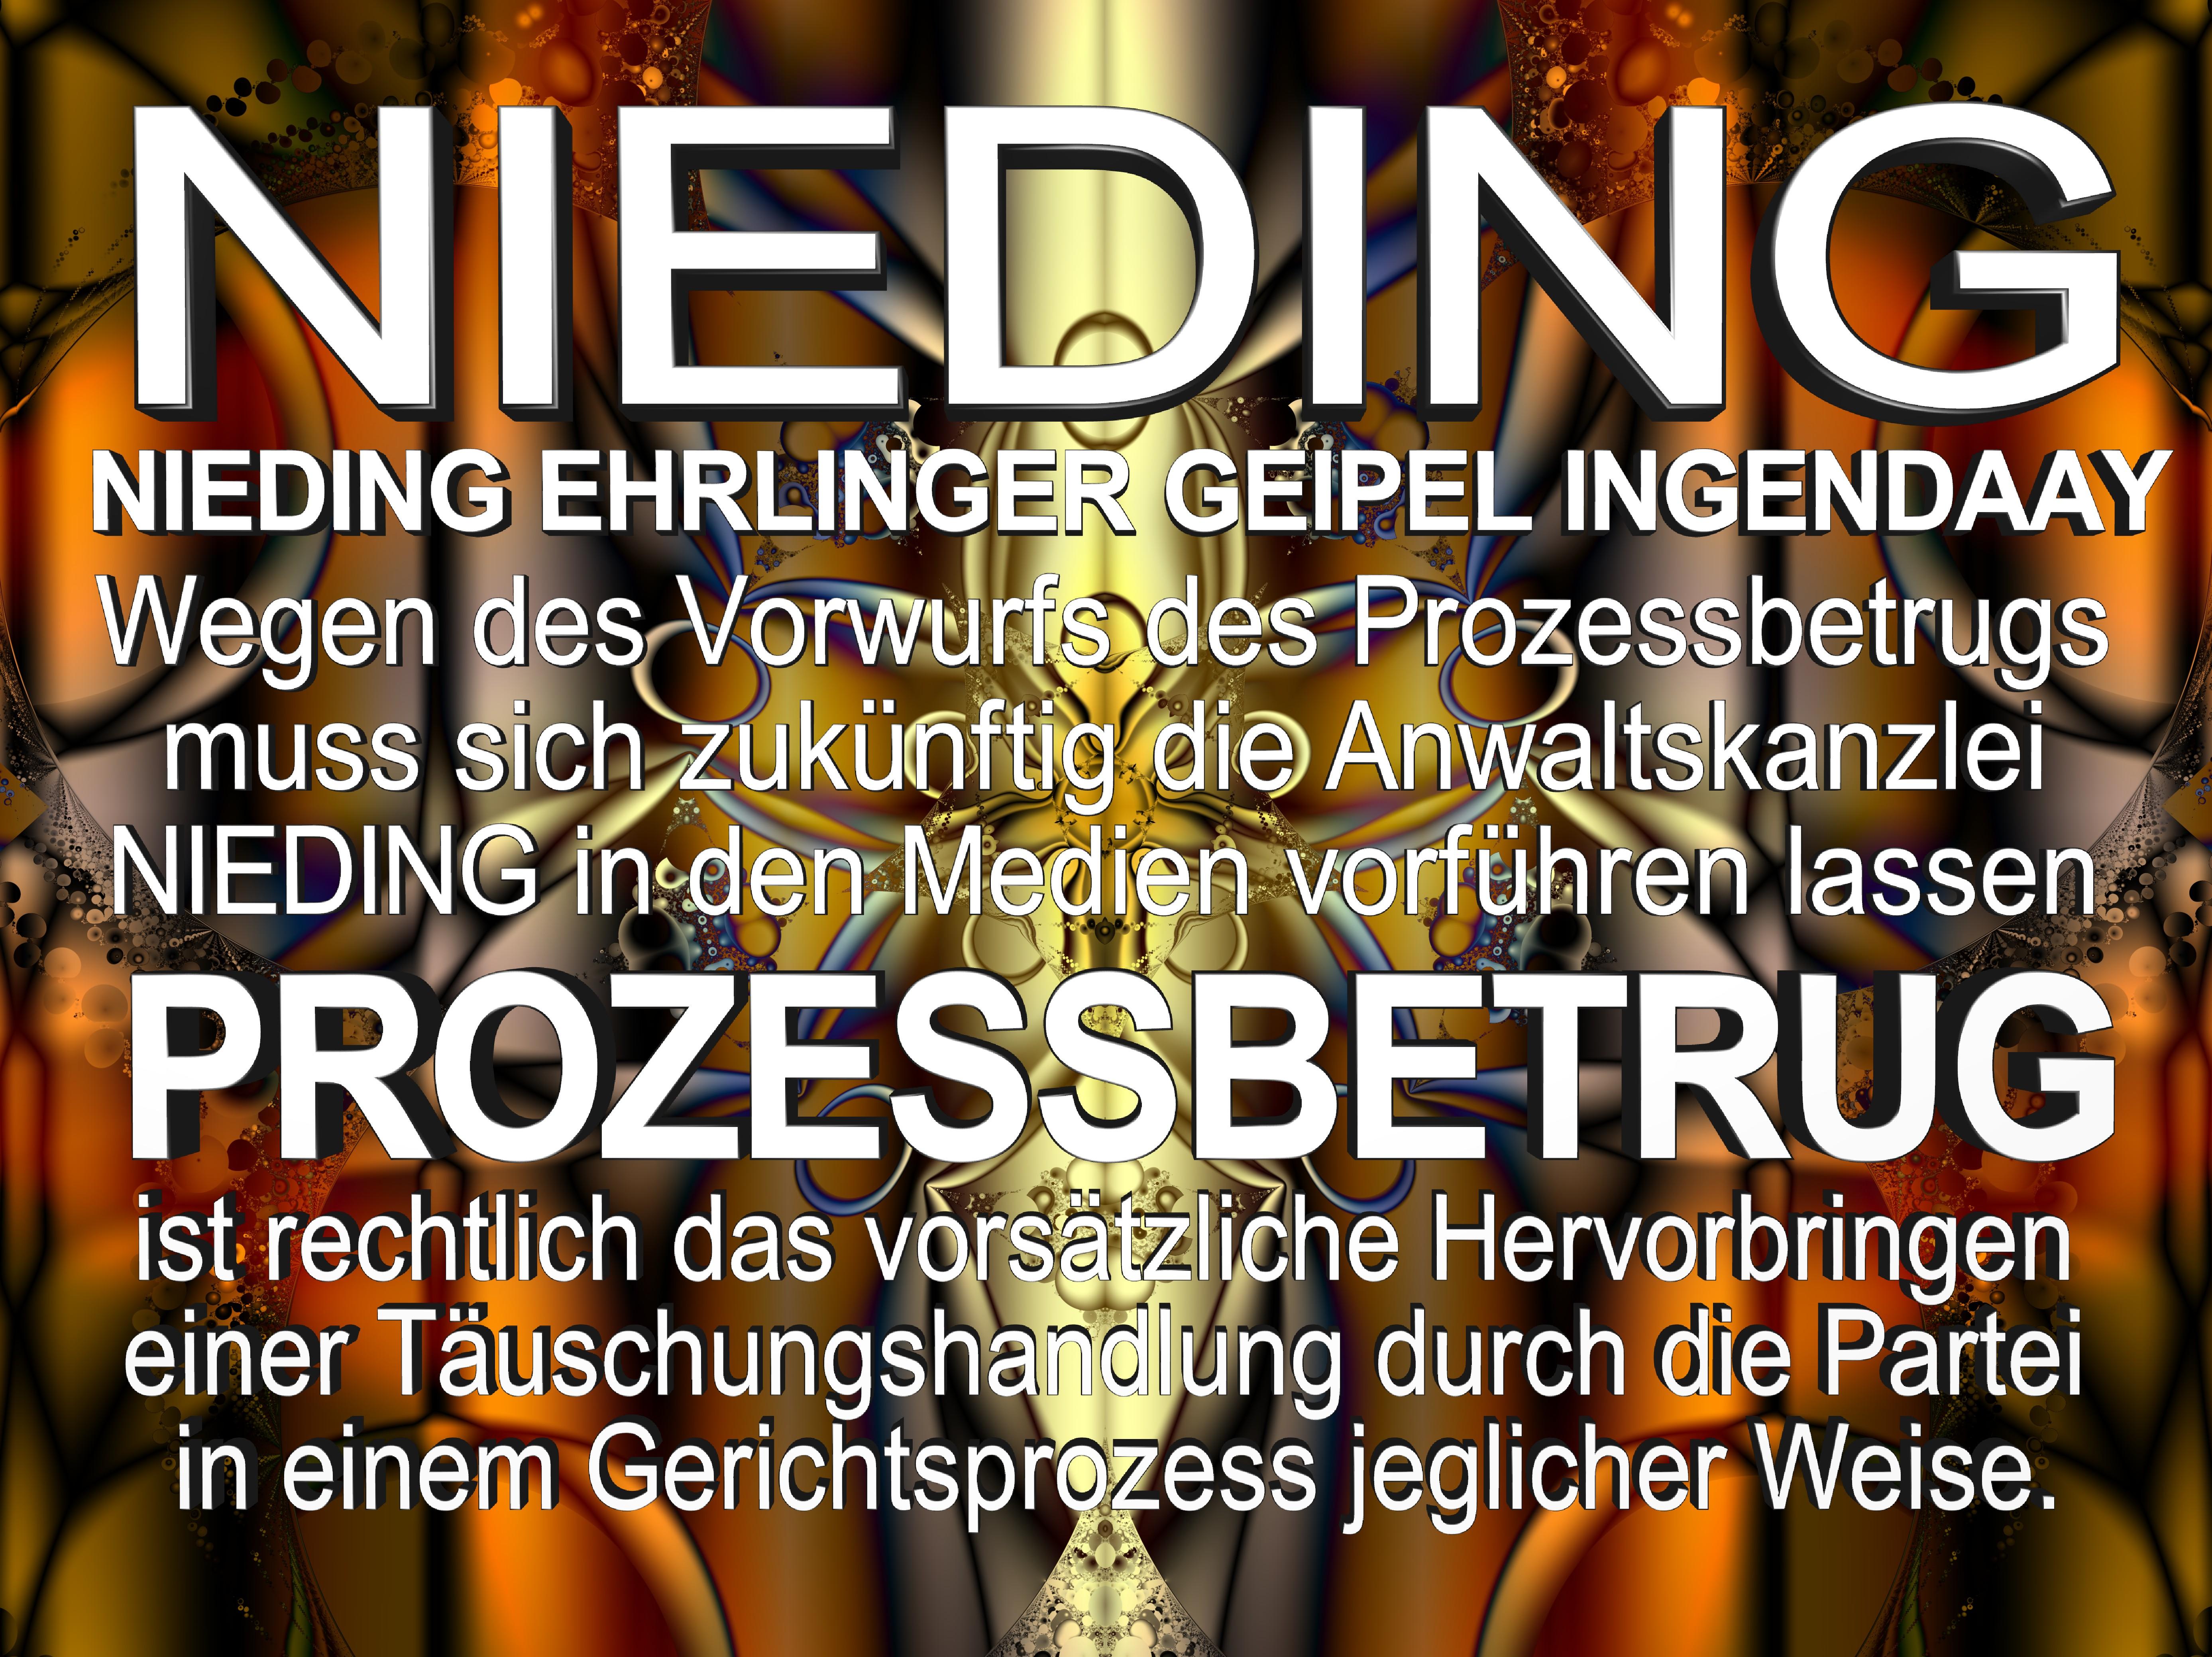 NIEDING EHRLINGER GEIPEL INGENDAAY LELKE Kurfürstendamm 66 Berlin (8)